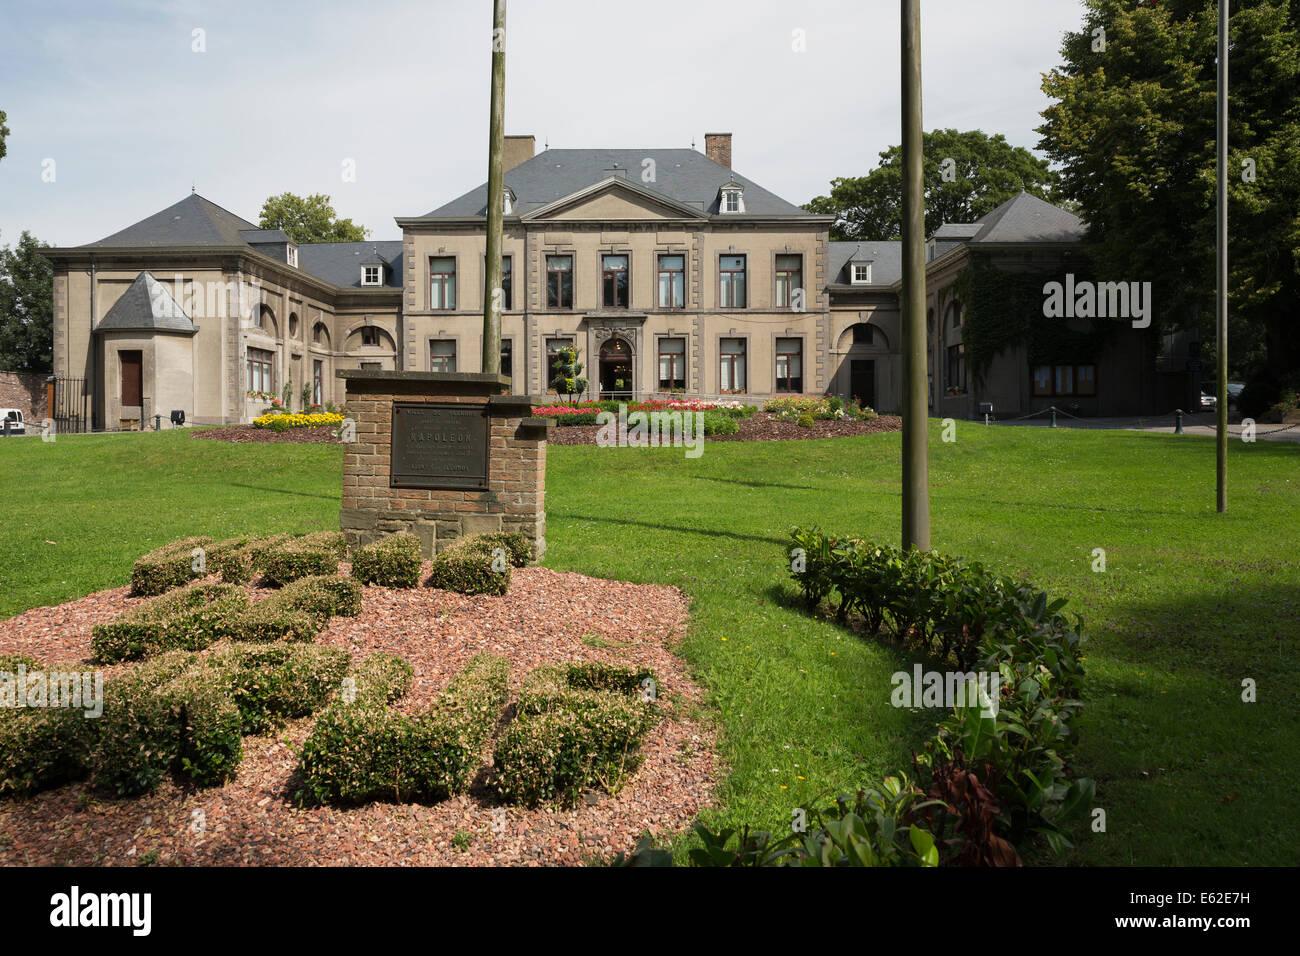 The Château de la Paix in Fleurus - Stock Image